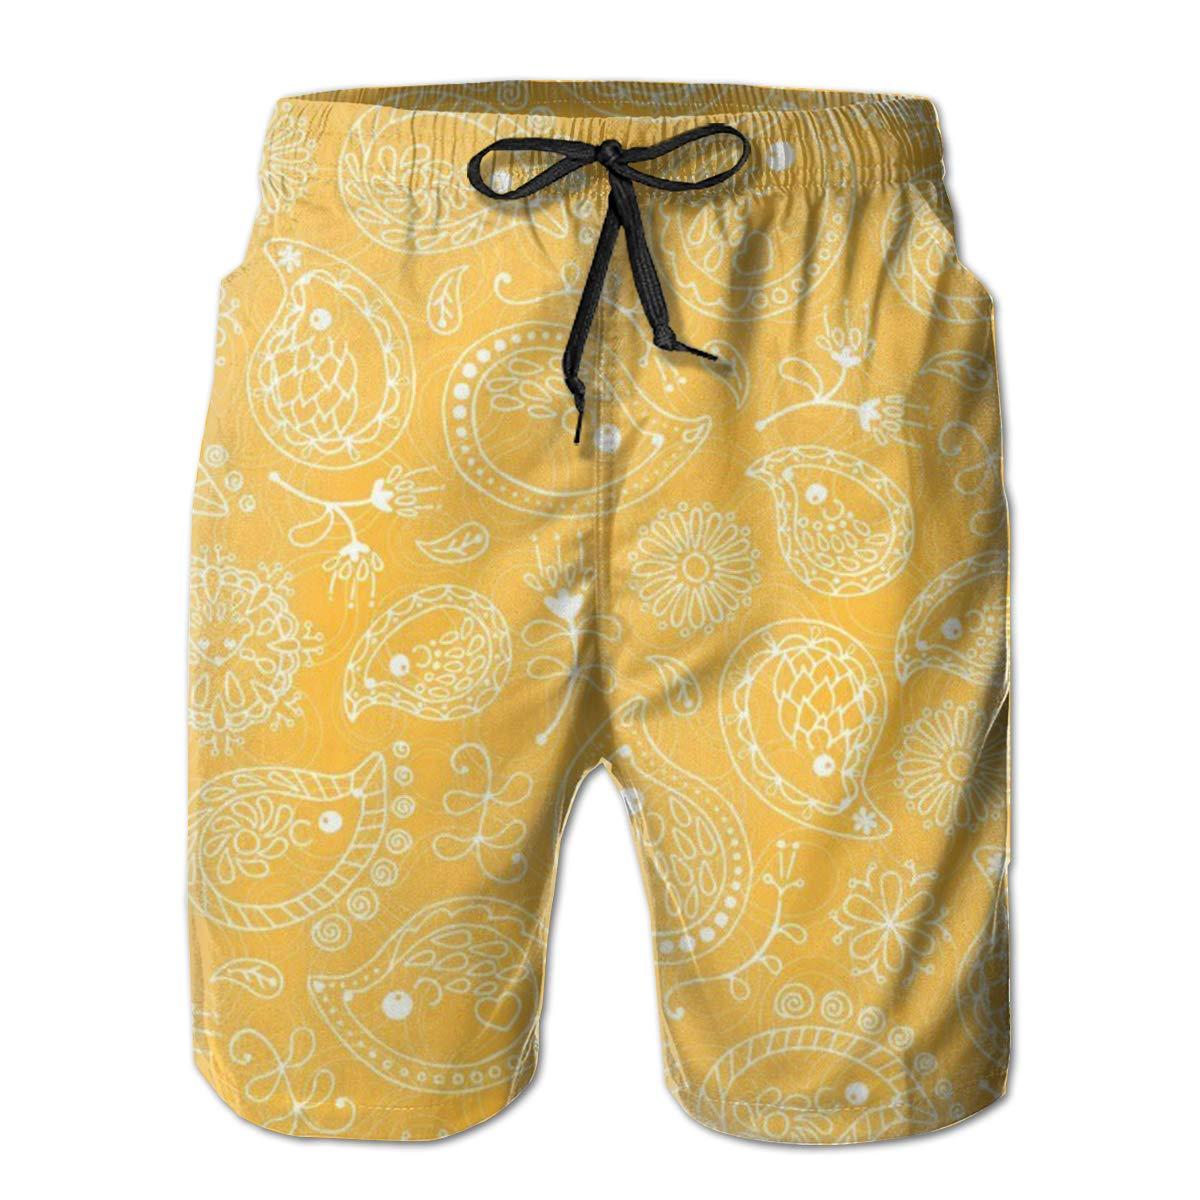 ZORITO Mens Swim Trunks Quick Dry Summer Holiday Beach Shorts with Mesh Lining Hedgehog Paisley White Yellow Beachwear